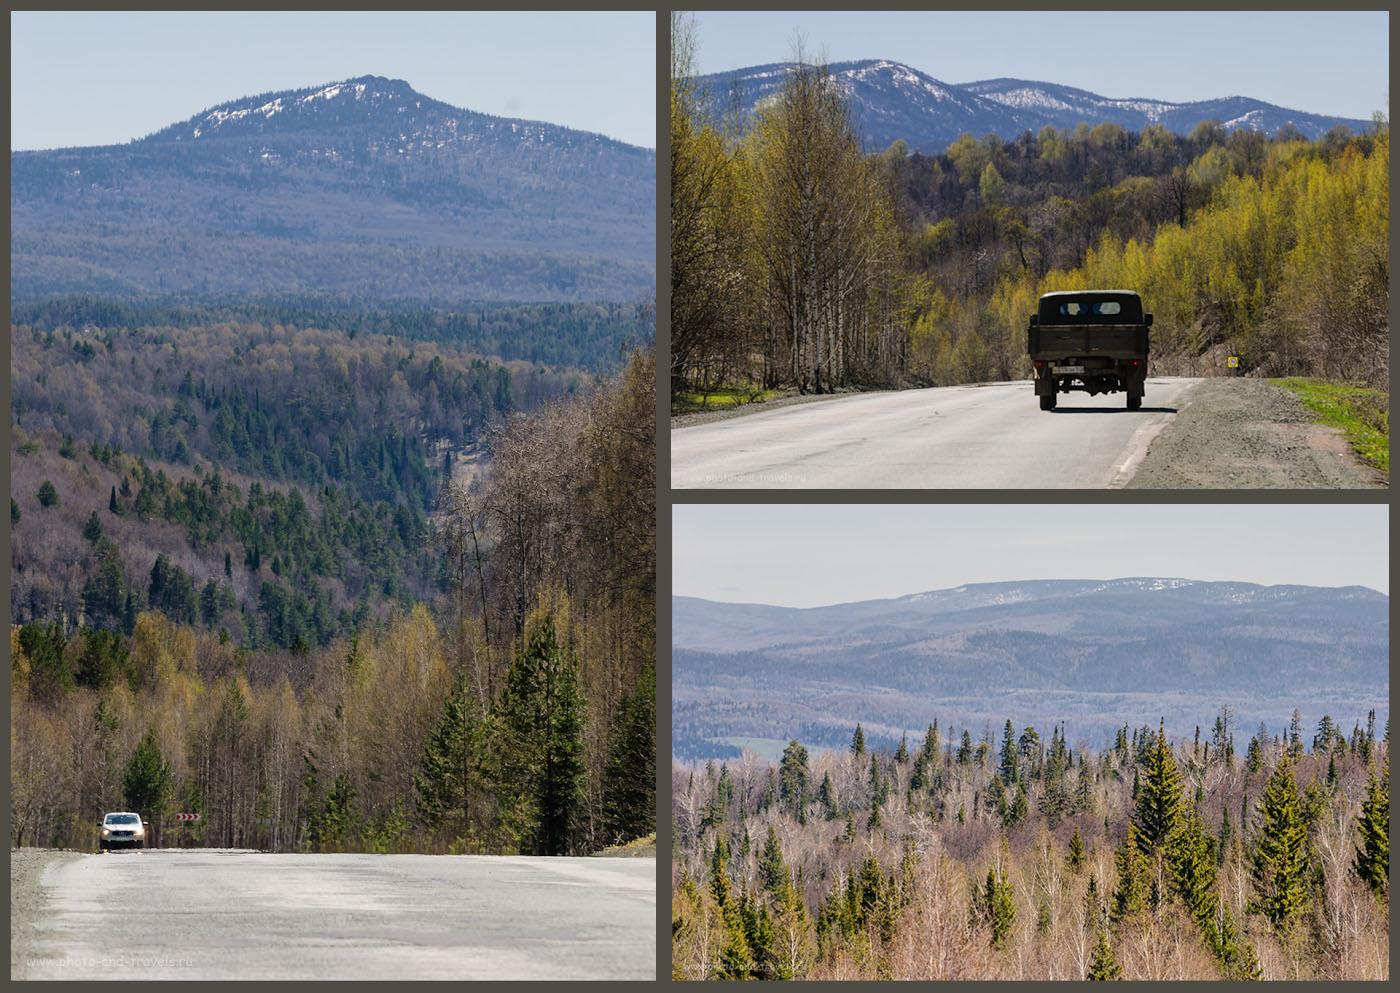 Фото 39. Поездка на машине по горам Башкирии. Отзывы туристов из Екатеринбурга.